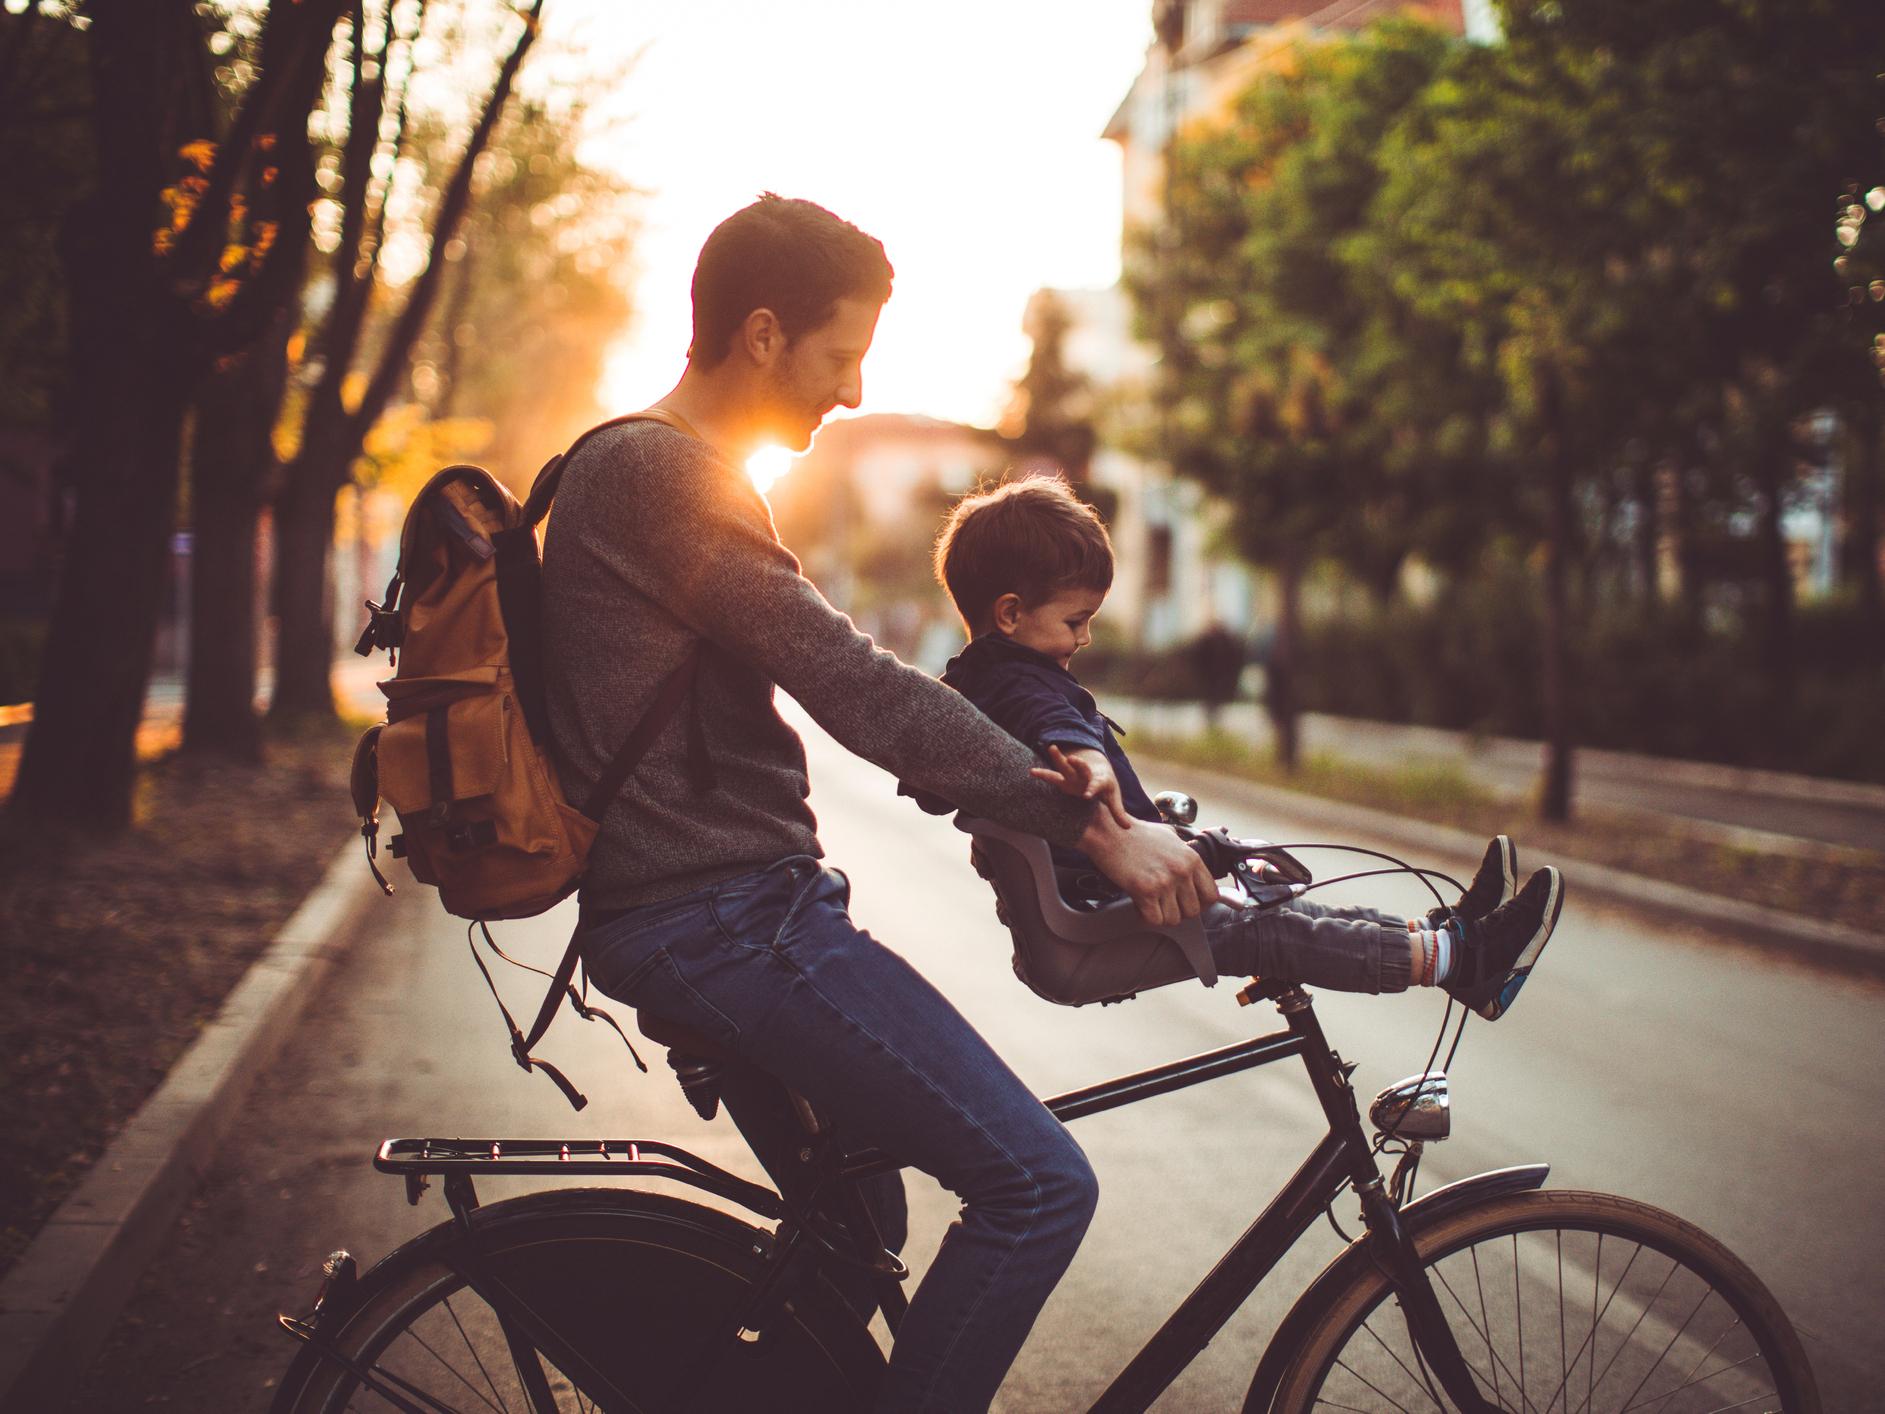 En Bebé Llevar BicicletaTipos De Sillitas Al Cómo La fgyIYv7b6